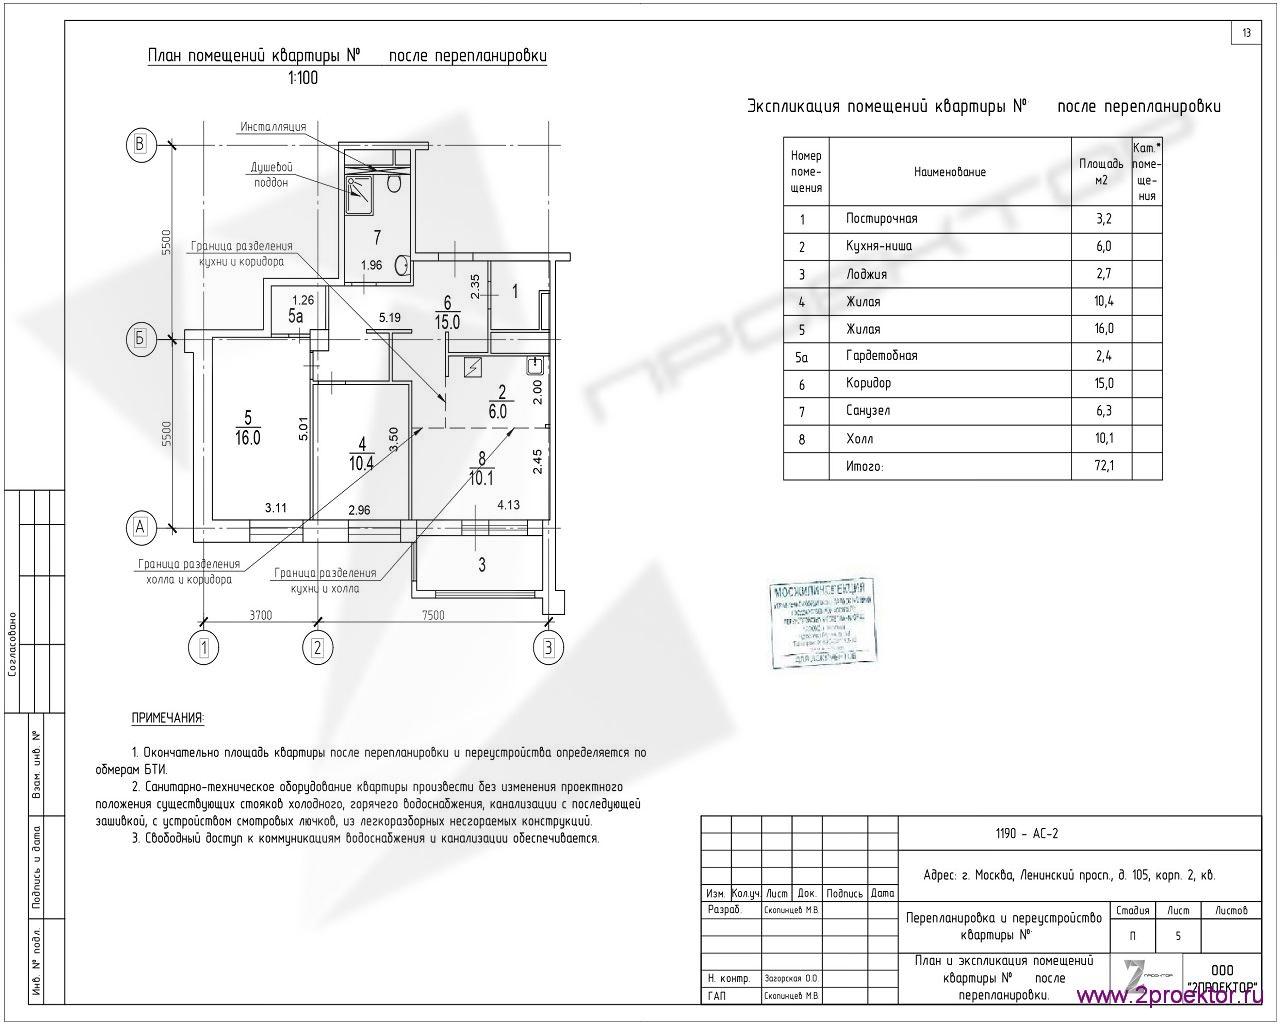 Вариант планировки квартиры в Жилом комплексе Эмеральд, разработанный специалистами ООО «2Проектор» и согласованный Мосжилинспекцией.